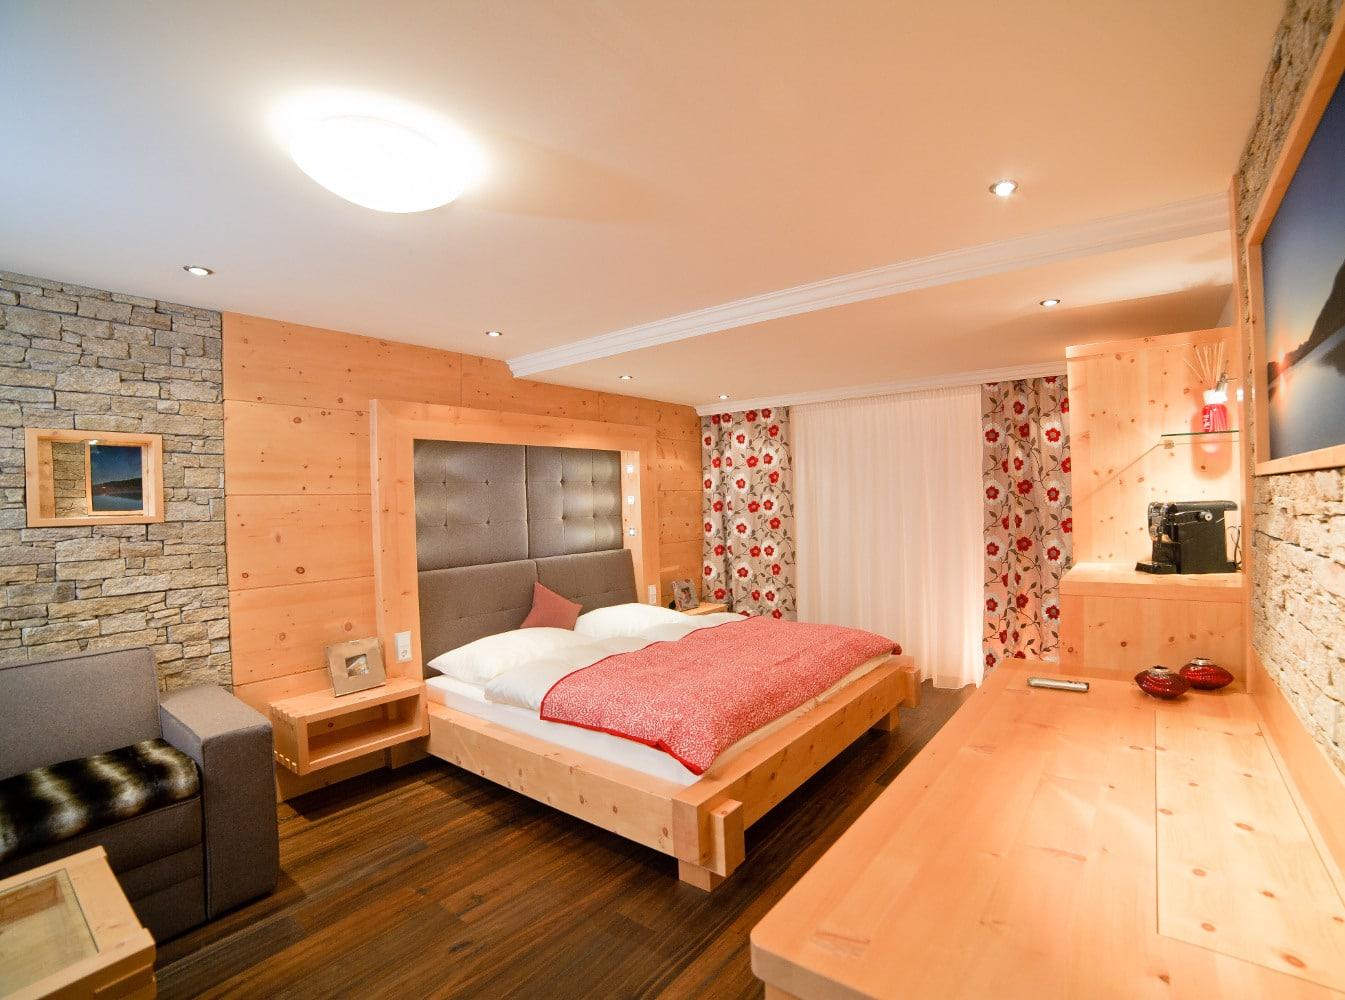 zirbenzimmer gesunder schlaf bruno berger gmbh